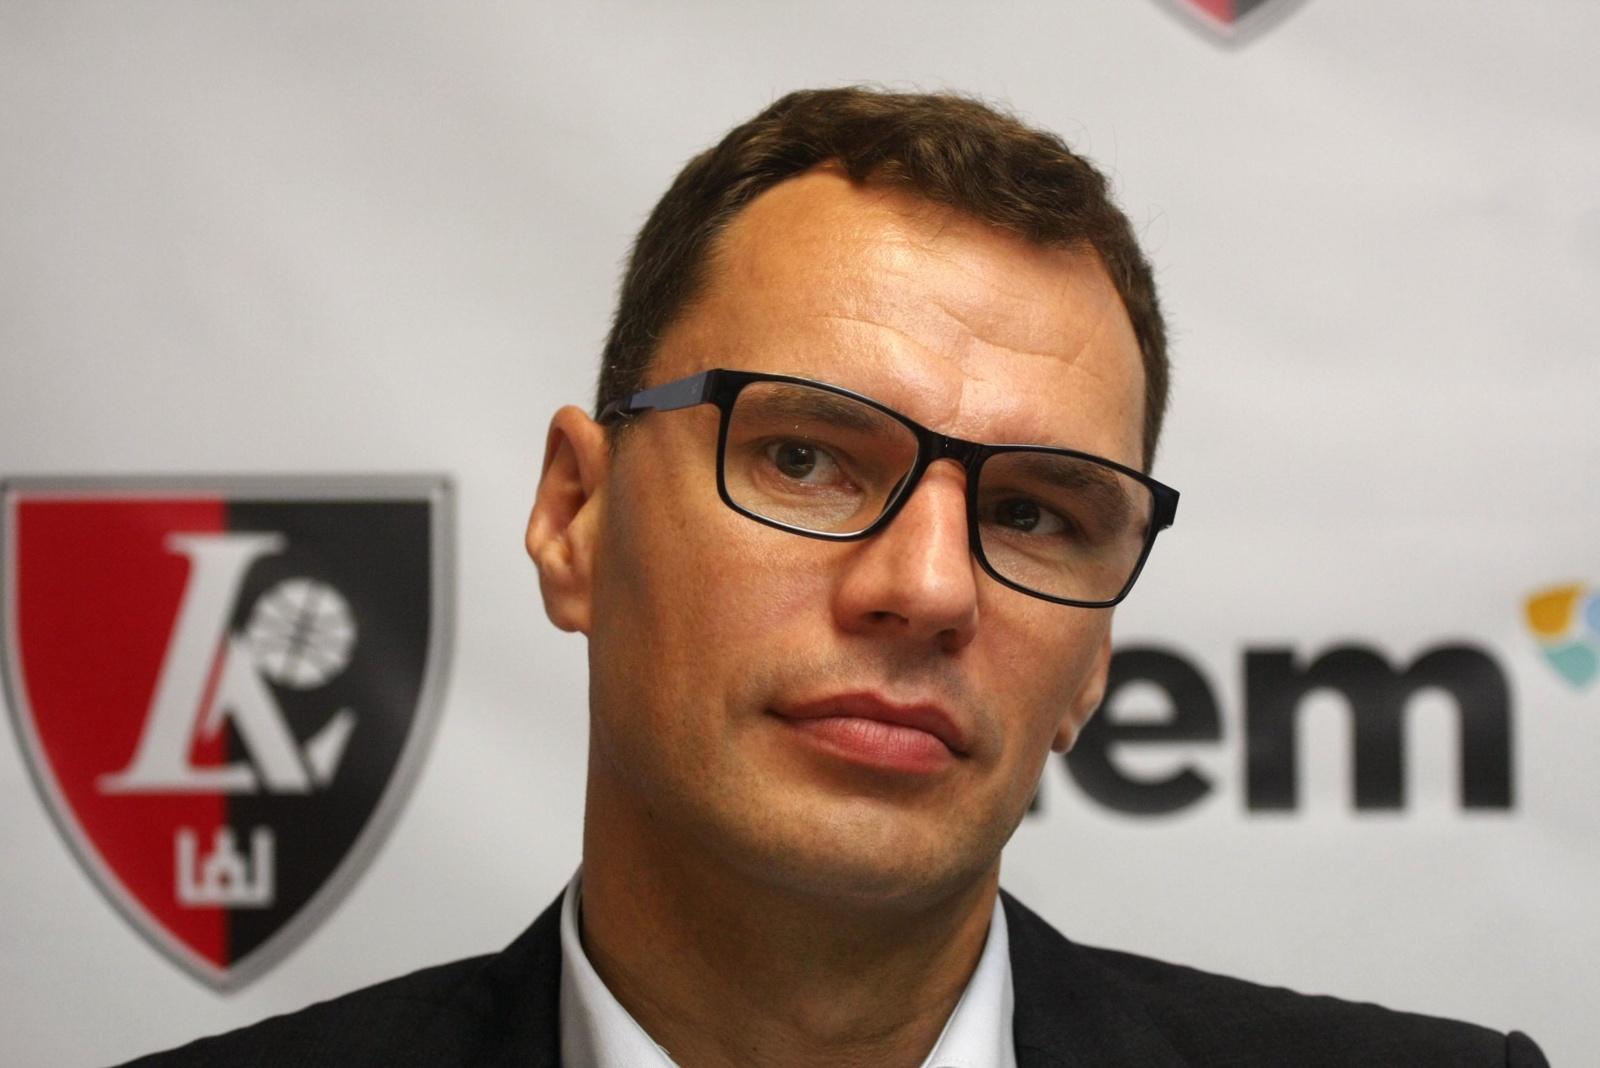 VTEK: buvęs krepšinio klubo direktorius D. Gudelis pažeidė įstatymą